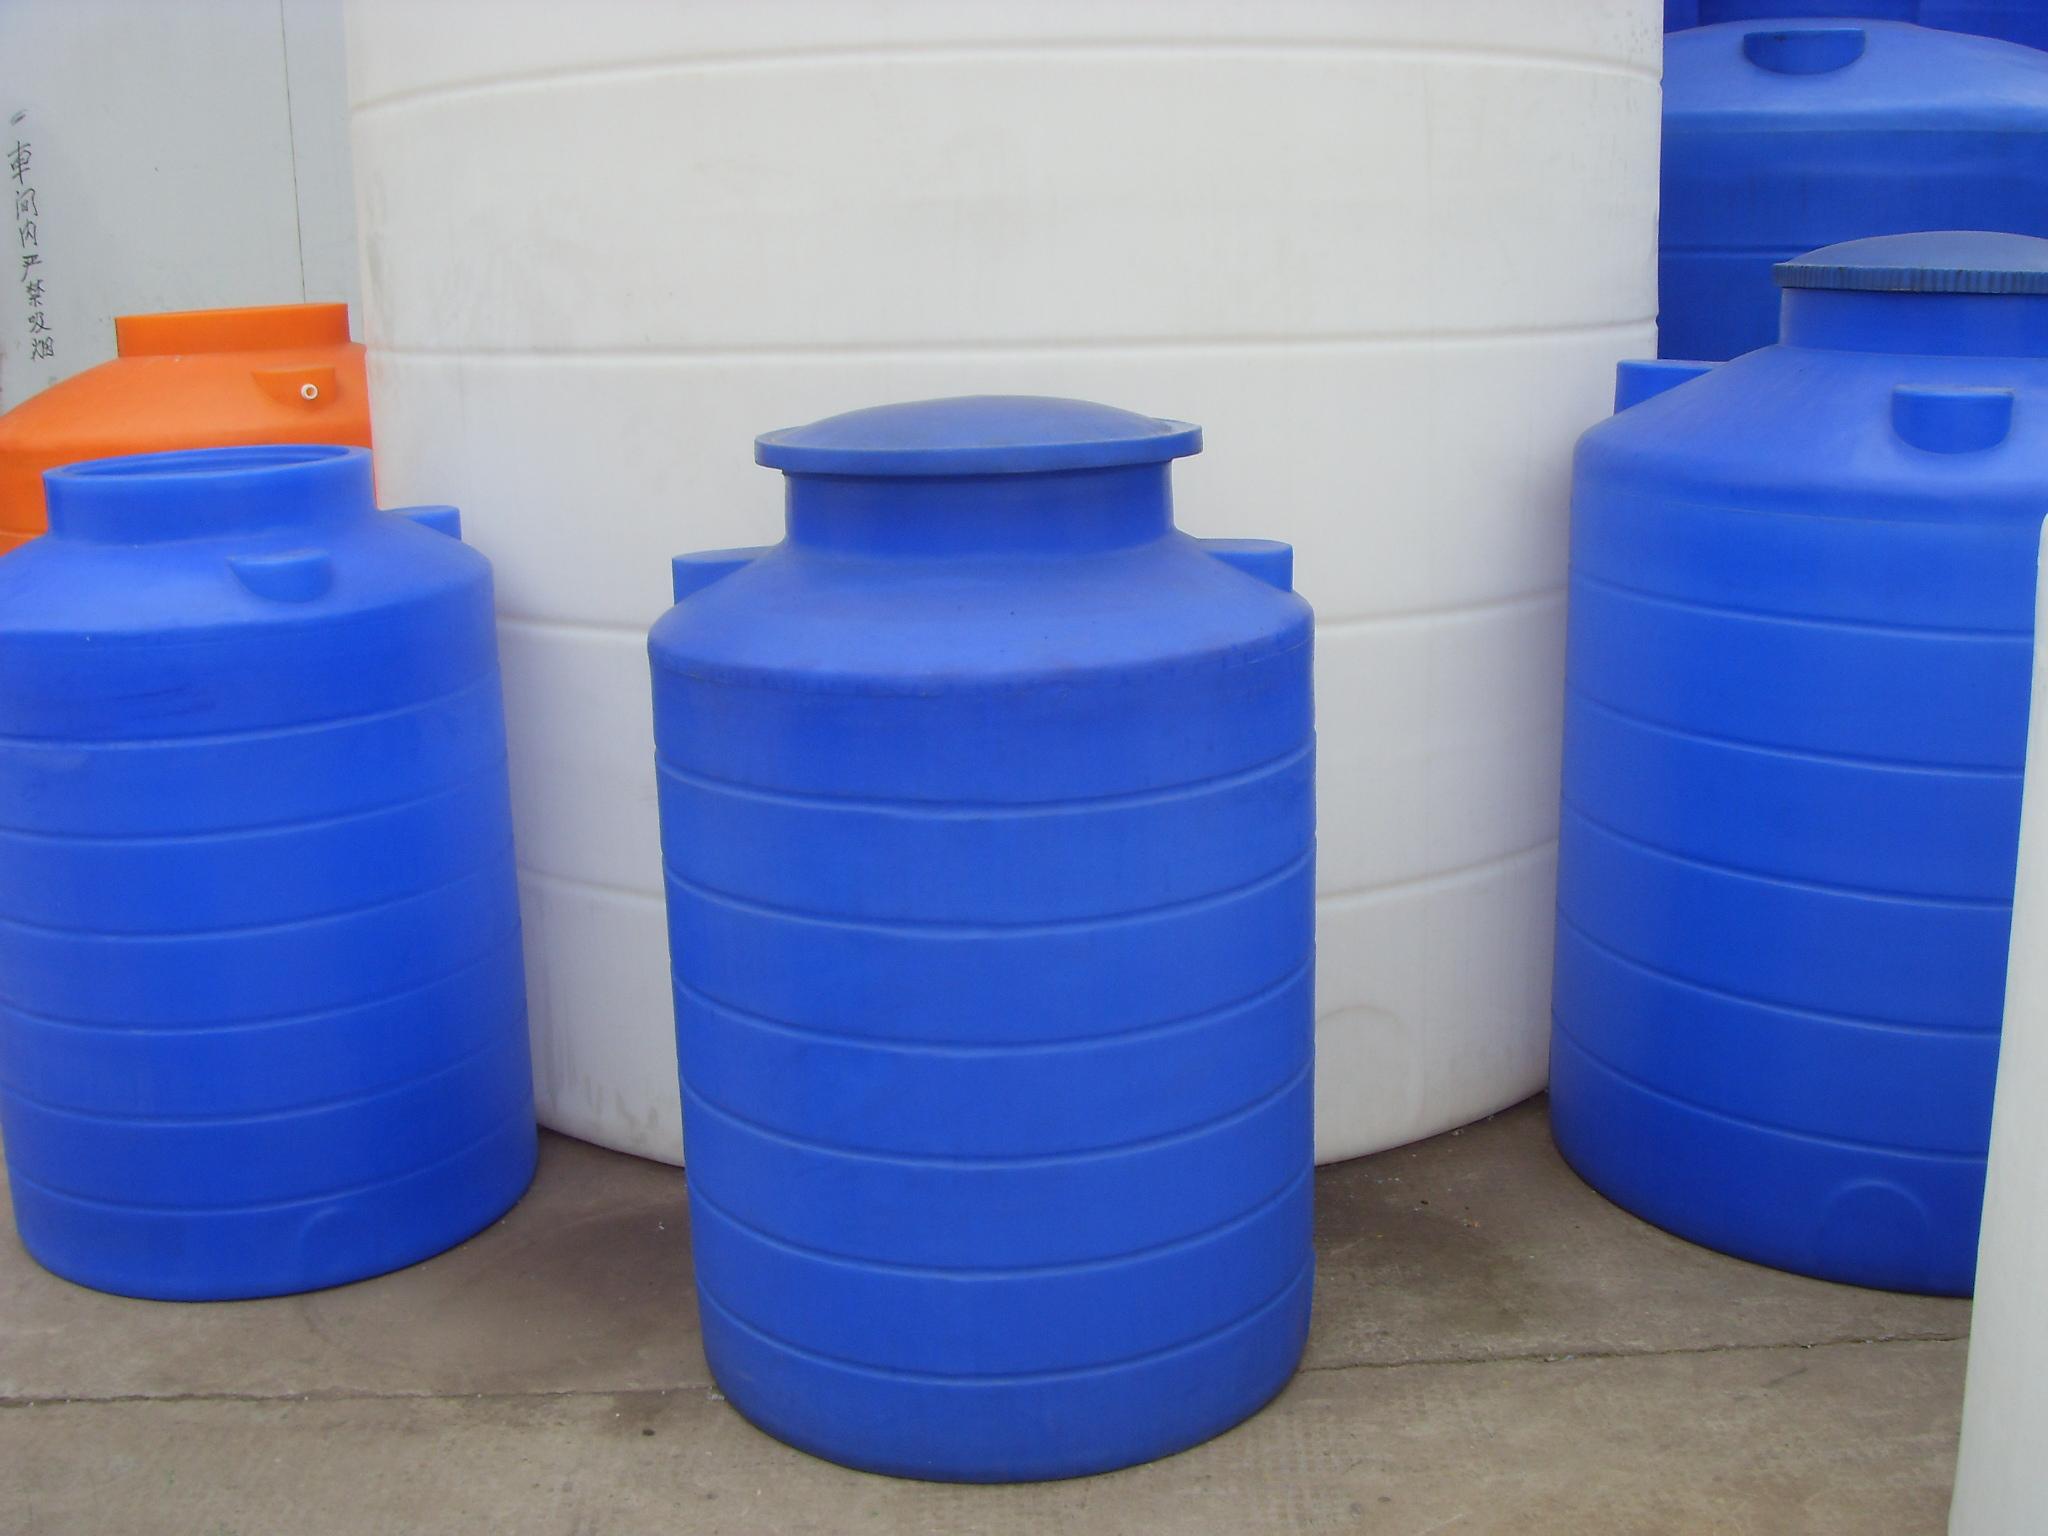 [Nhà máy cung cấp trực tiếp] nhập khẩu nguyên liệu mới rotomold một khi thùng chứa khuôn tròn Bể chứa nhựa phẳng - Thiết bị nước / Bình chứa nước